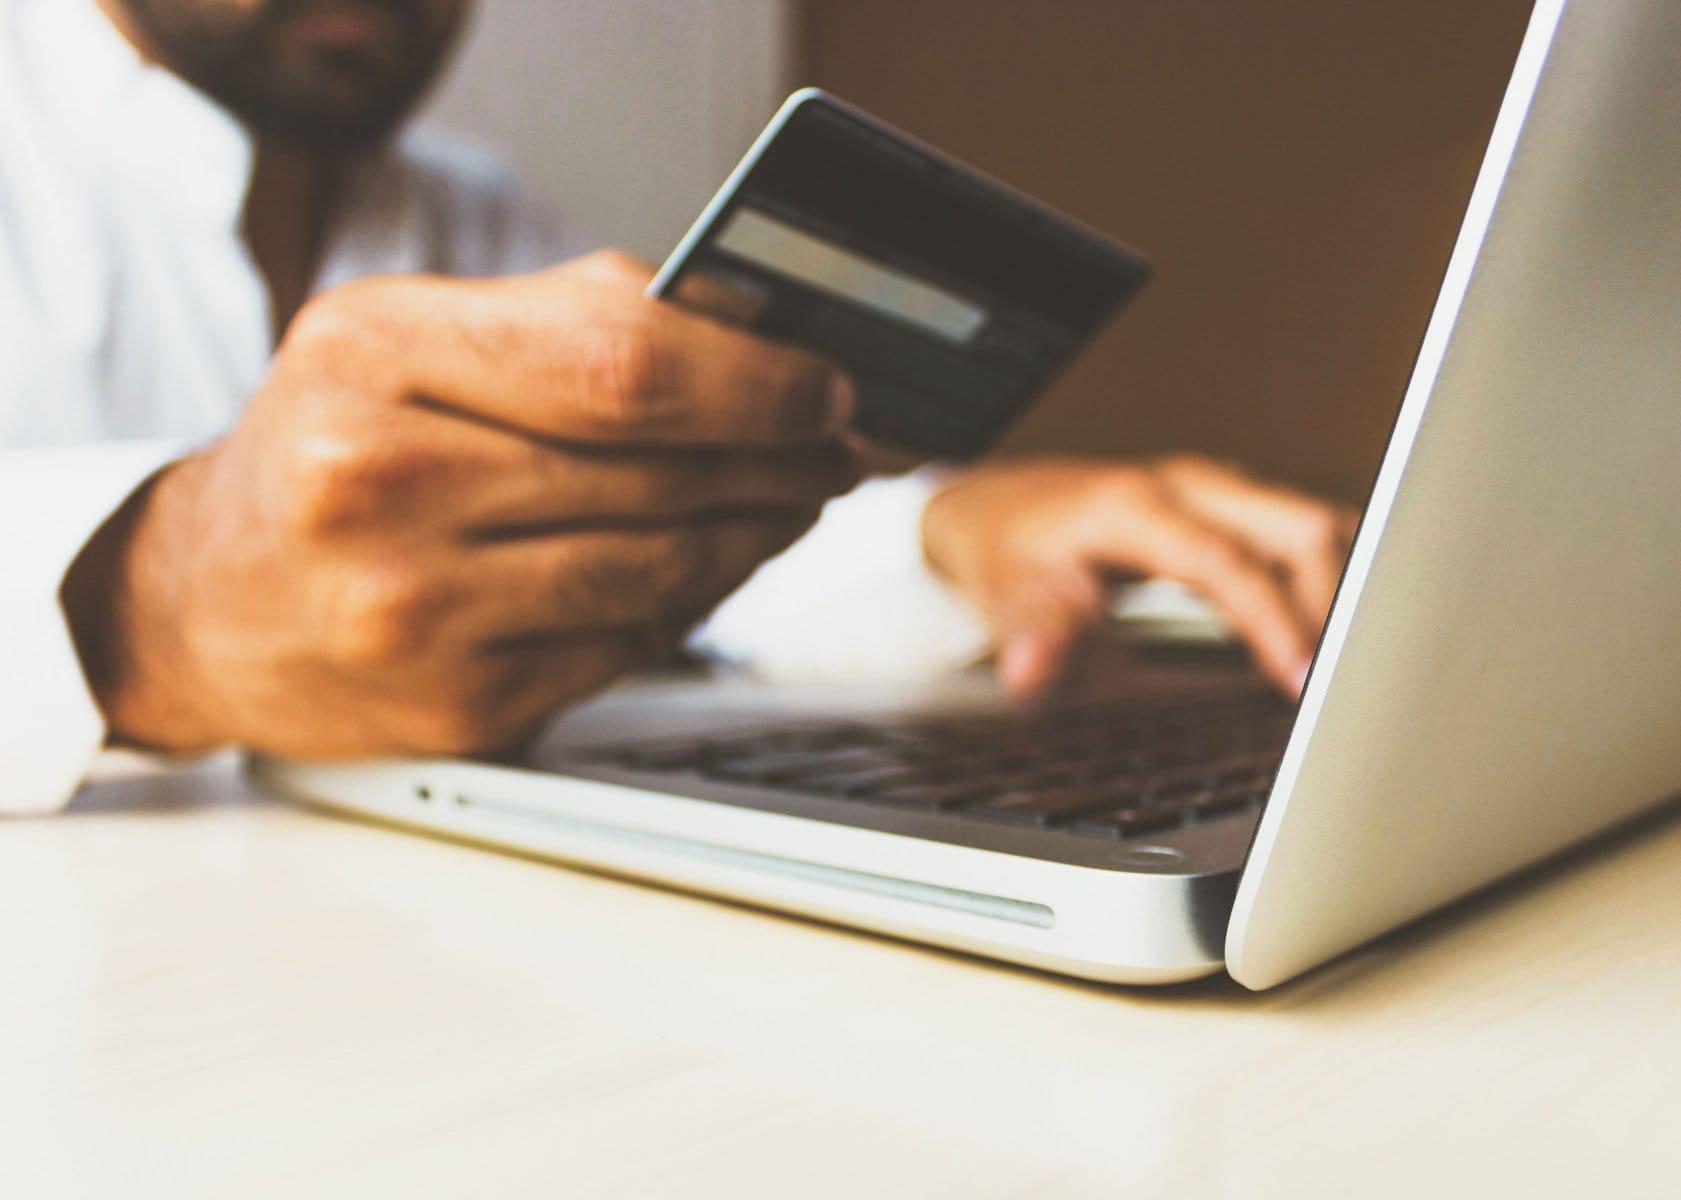 Sicher online kaufen – mit diesen Tipps sollte es keine bösen Überraschungen geben